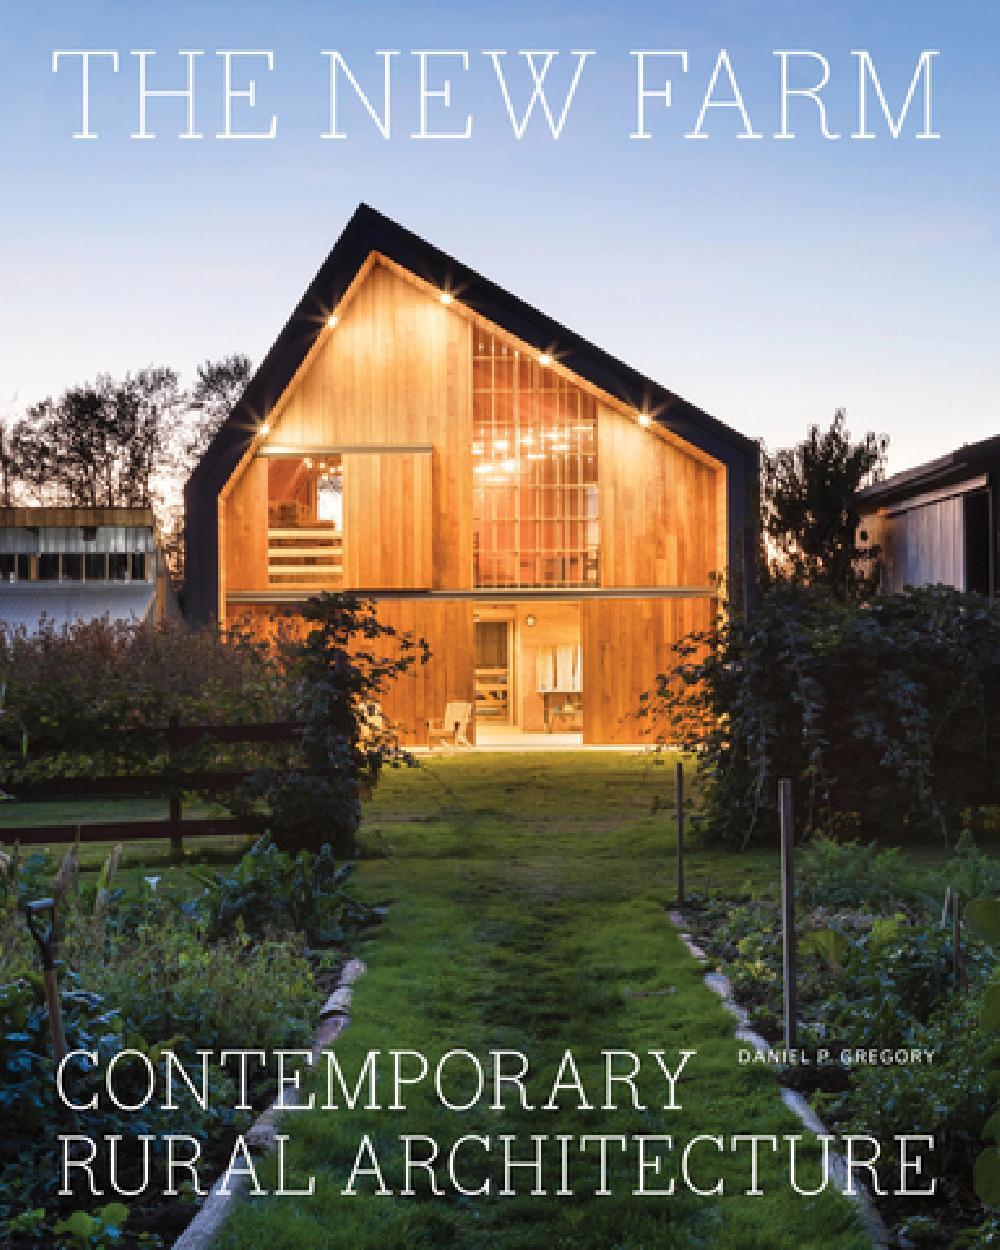 The new farm contemporary rural architecture